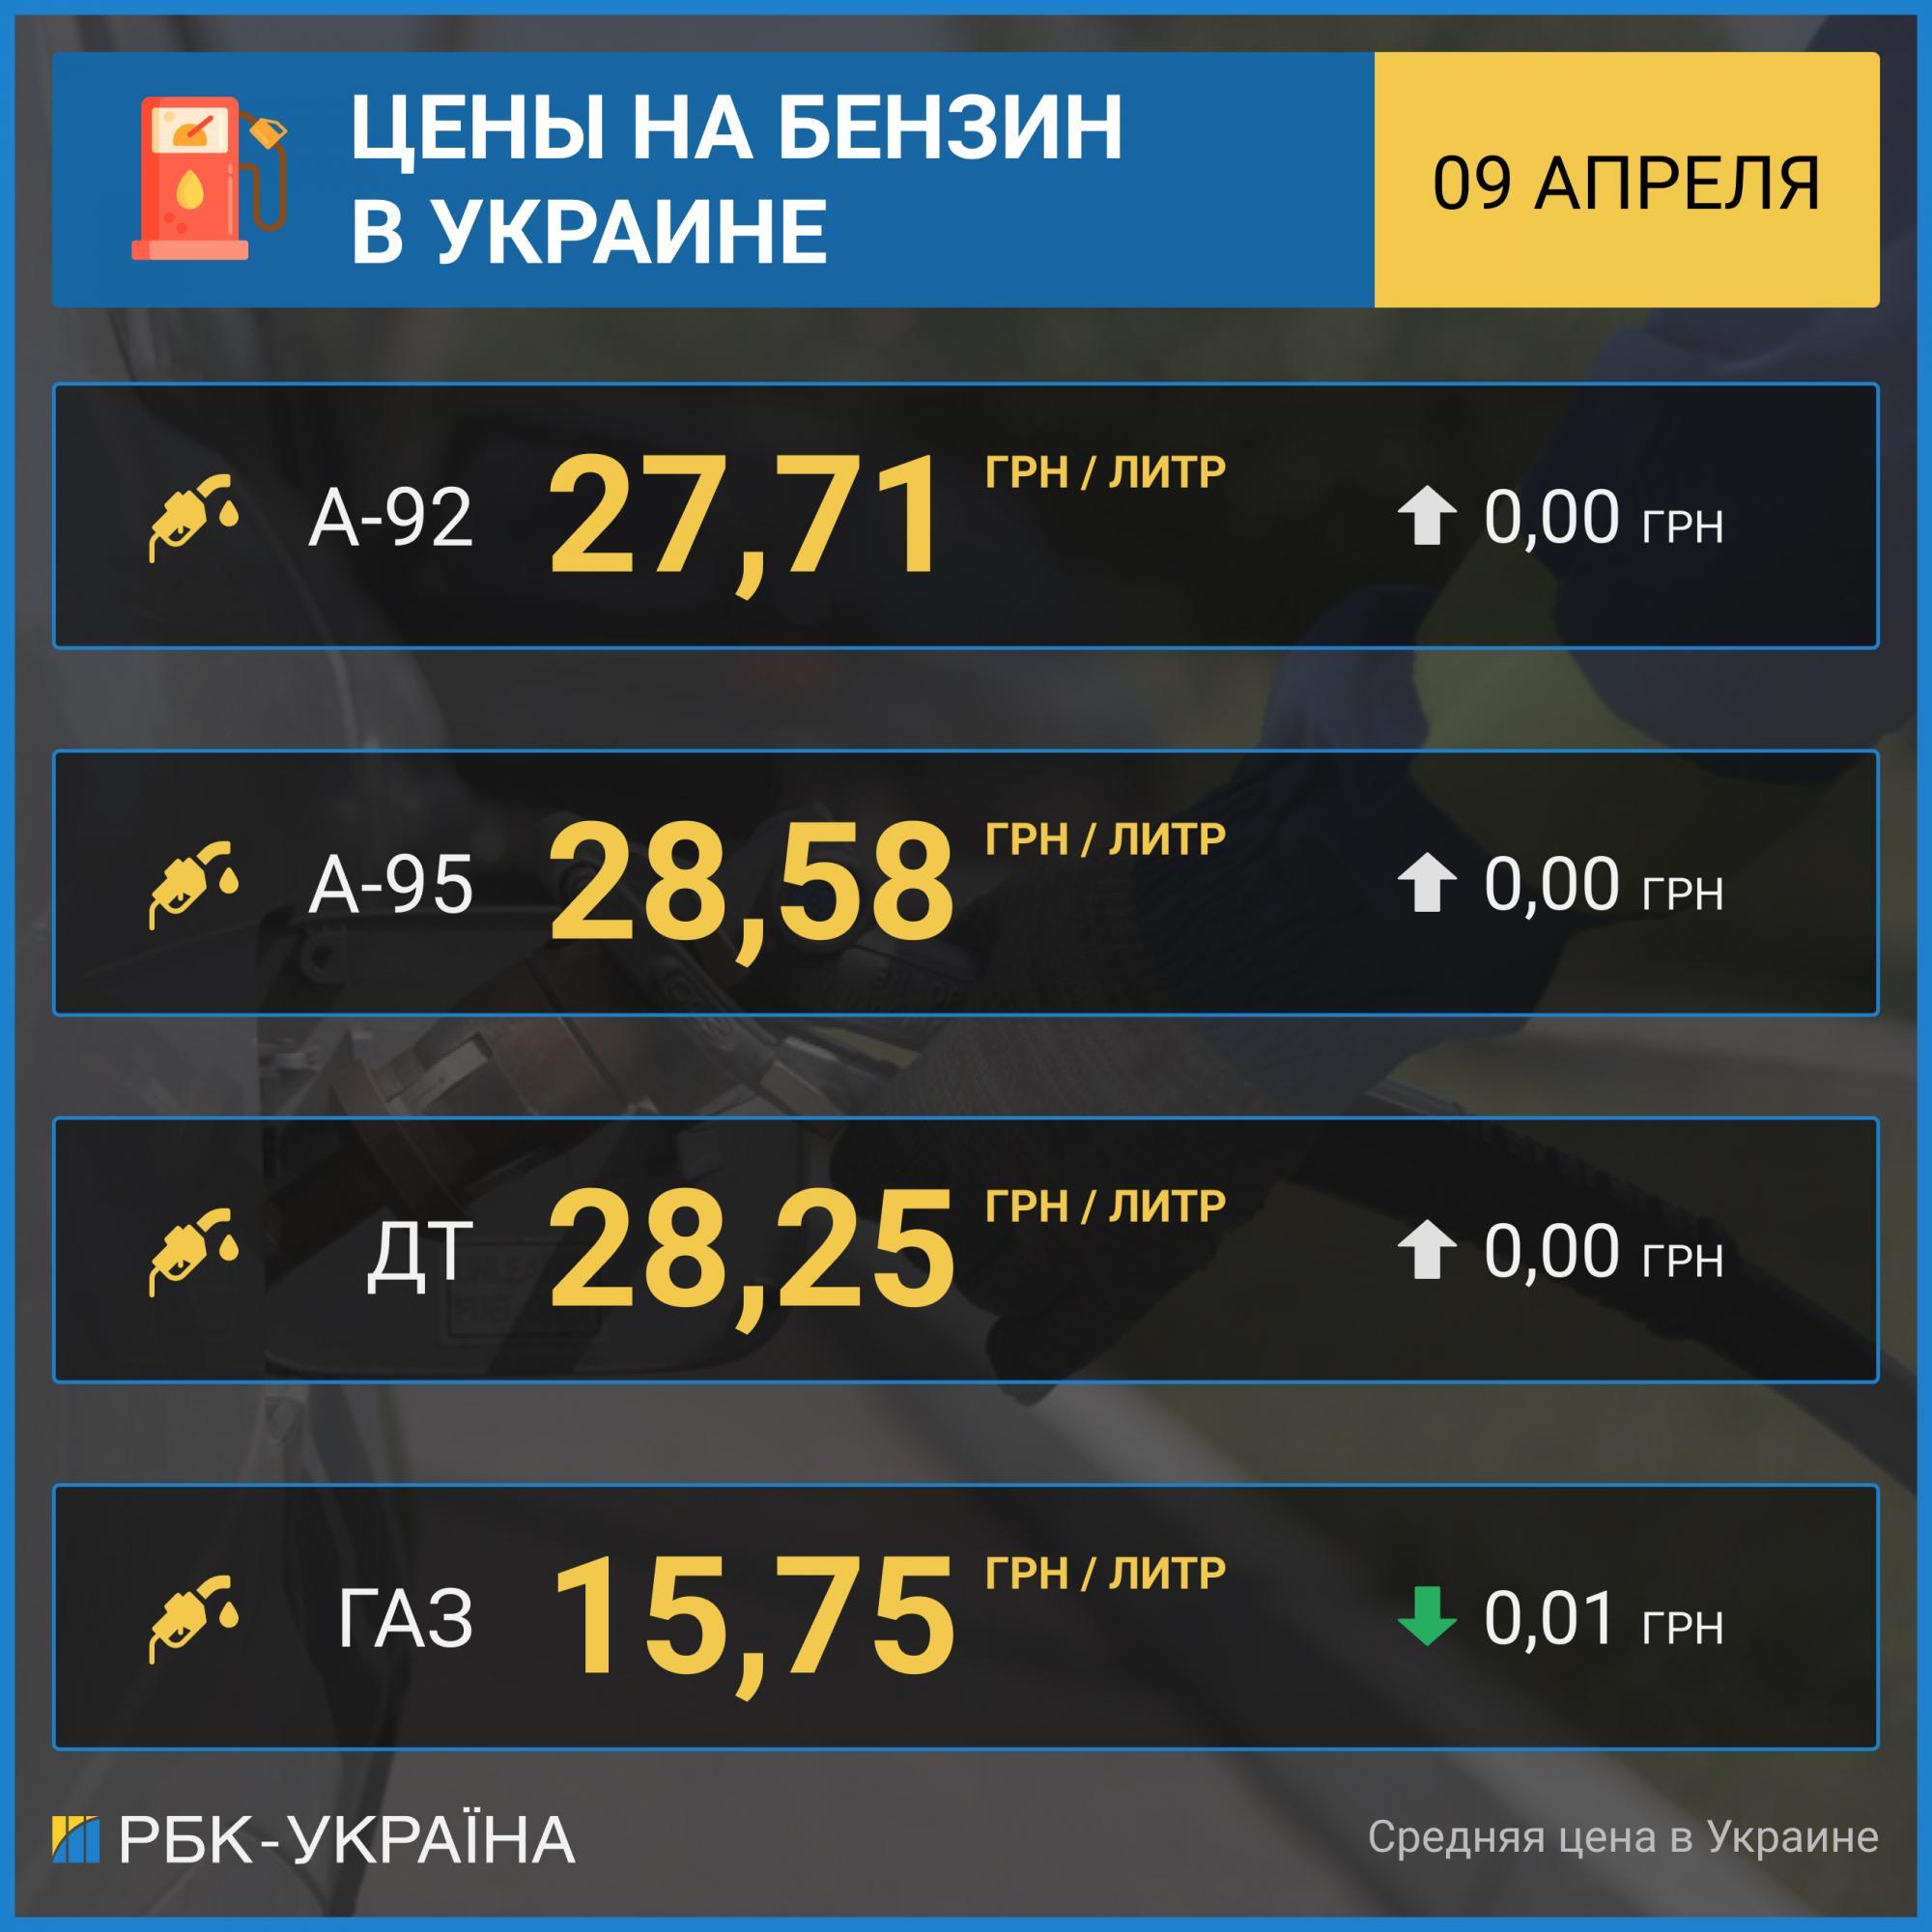 Цены на бензин в Украине стабилизировались, автогаз дешевеет 1